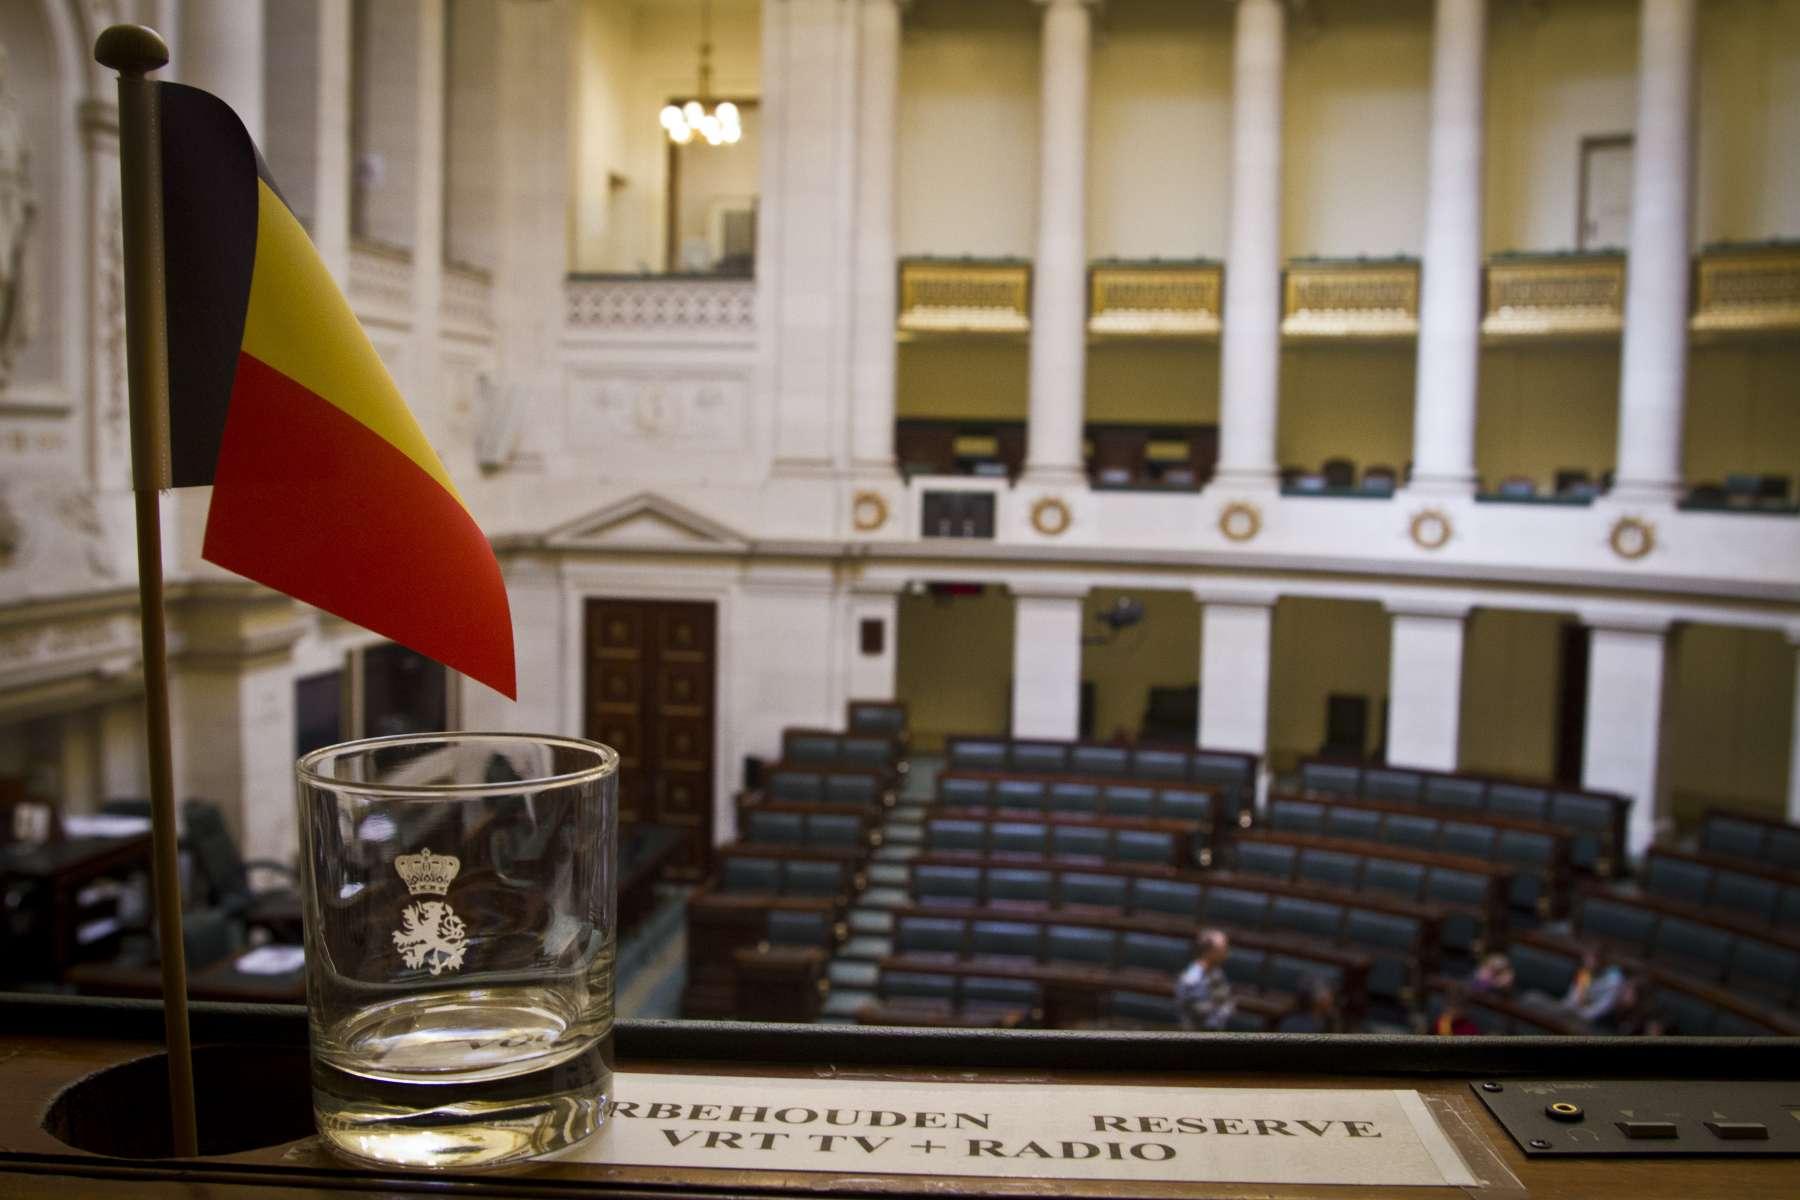 Discours du Premier ministre Charles Michel à la chambre ce 18 décembre